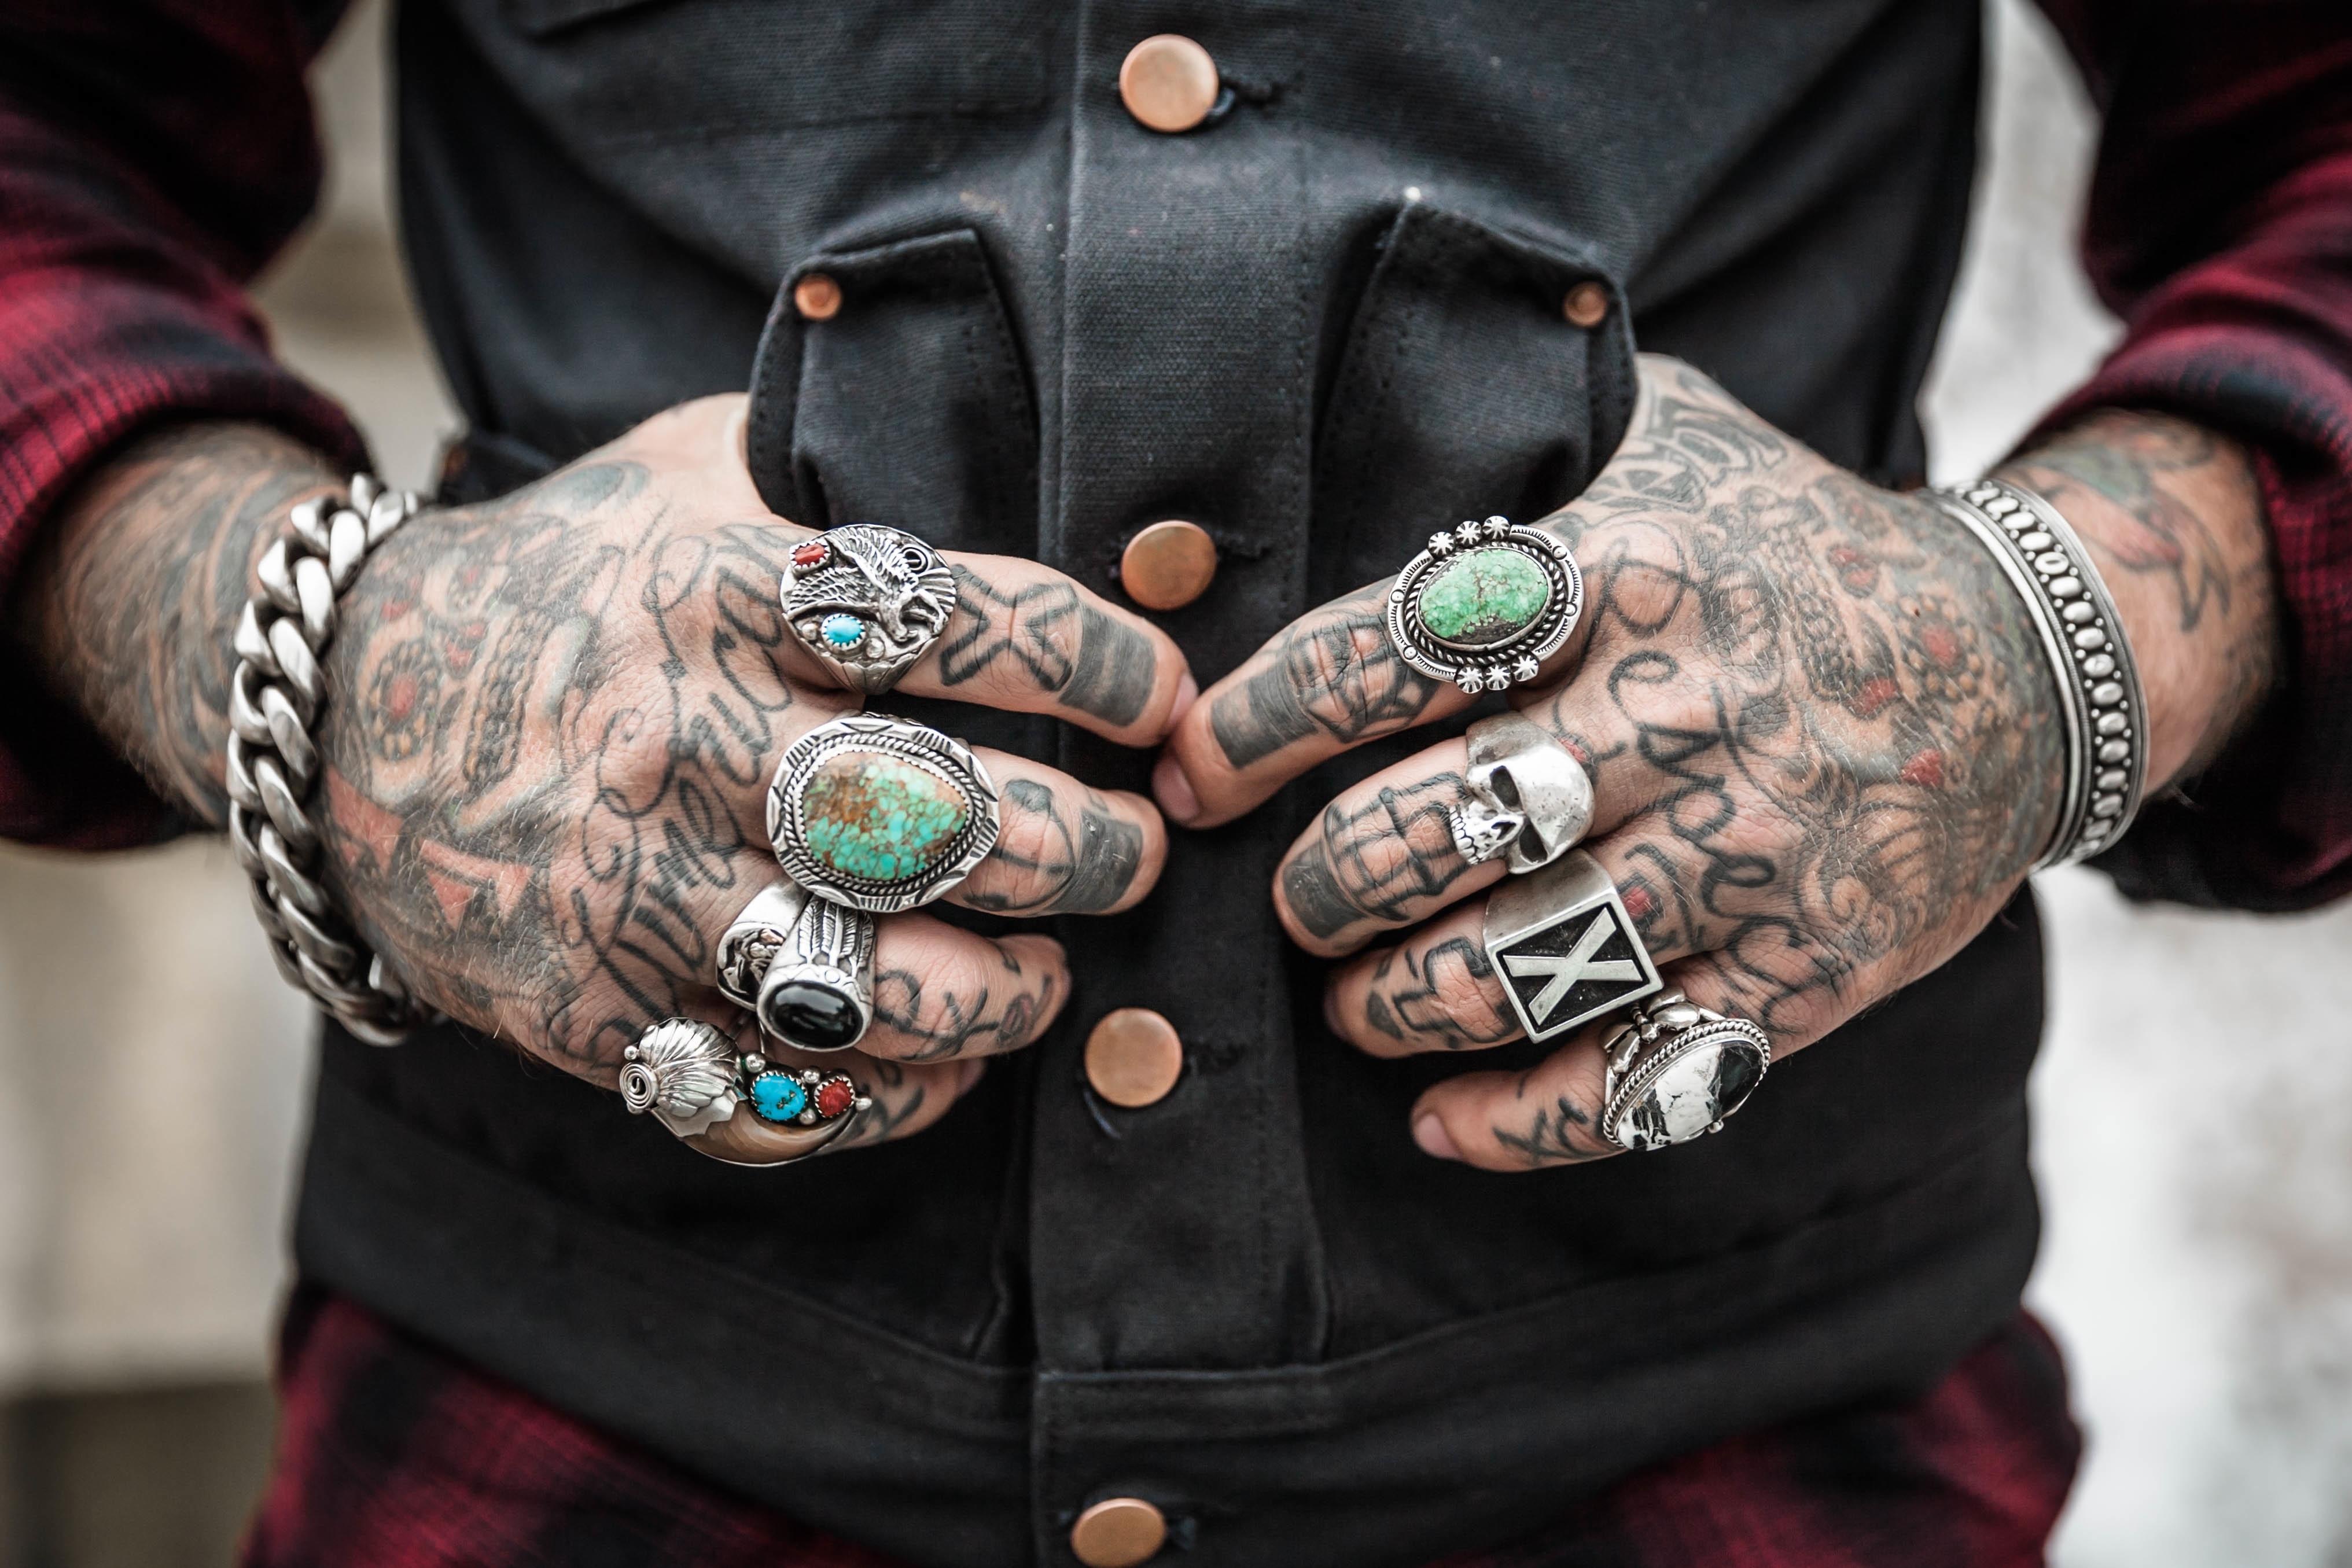 Darmowe Zdjęcia Dłoń Wzór Tatuaż Moda Odzież Styl